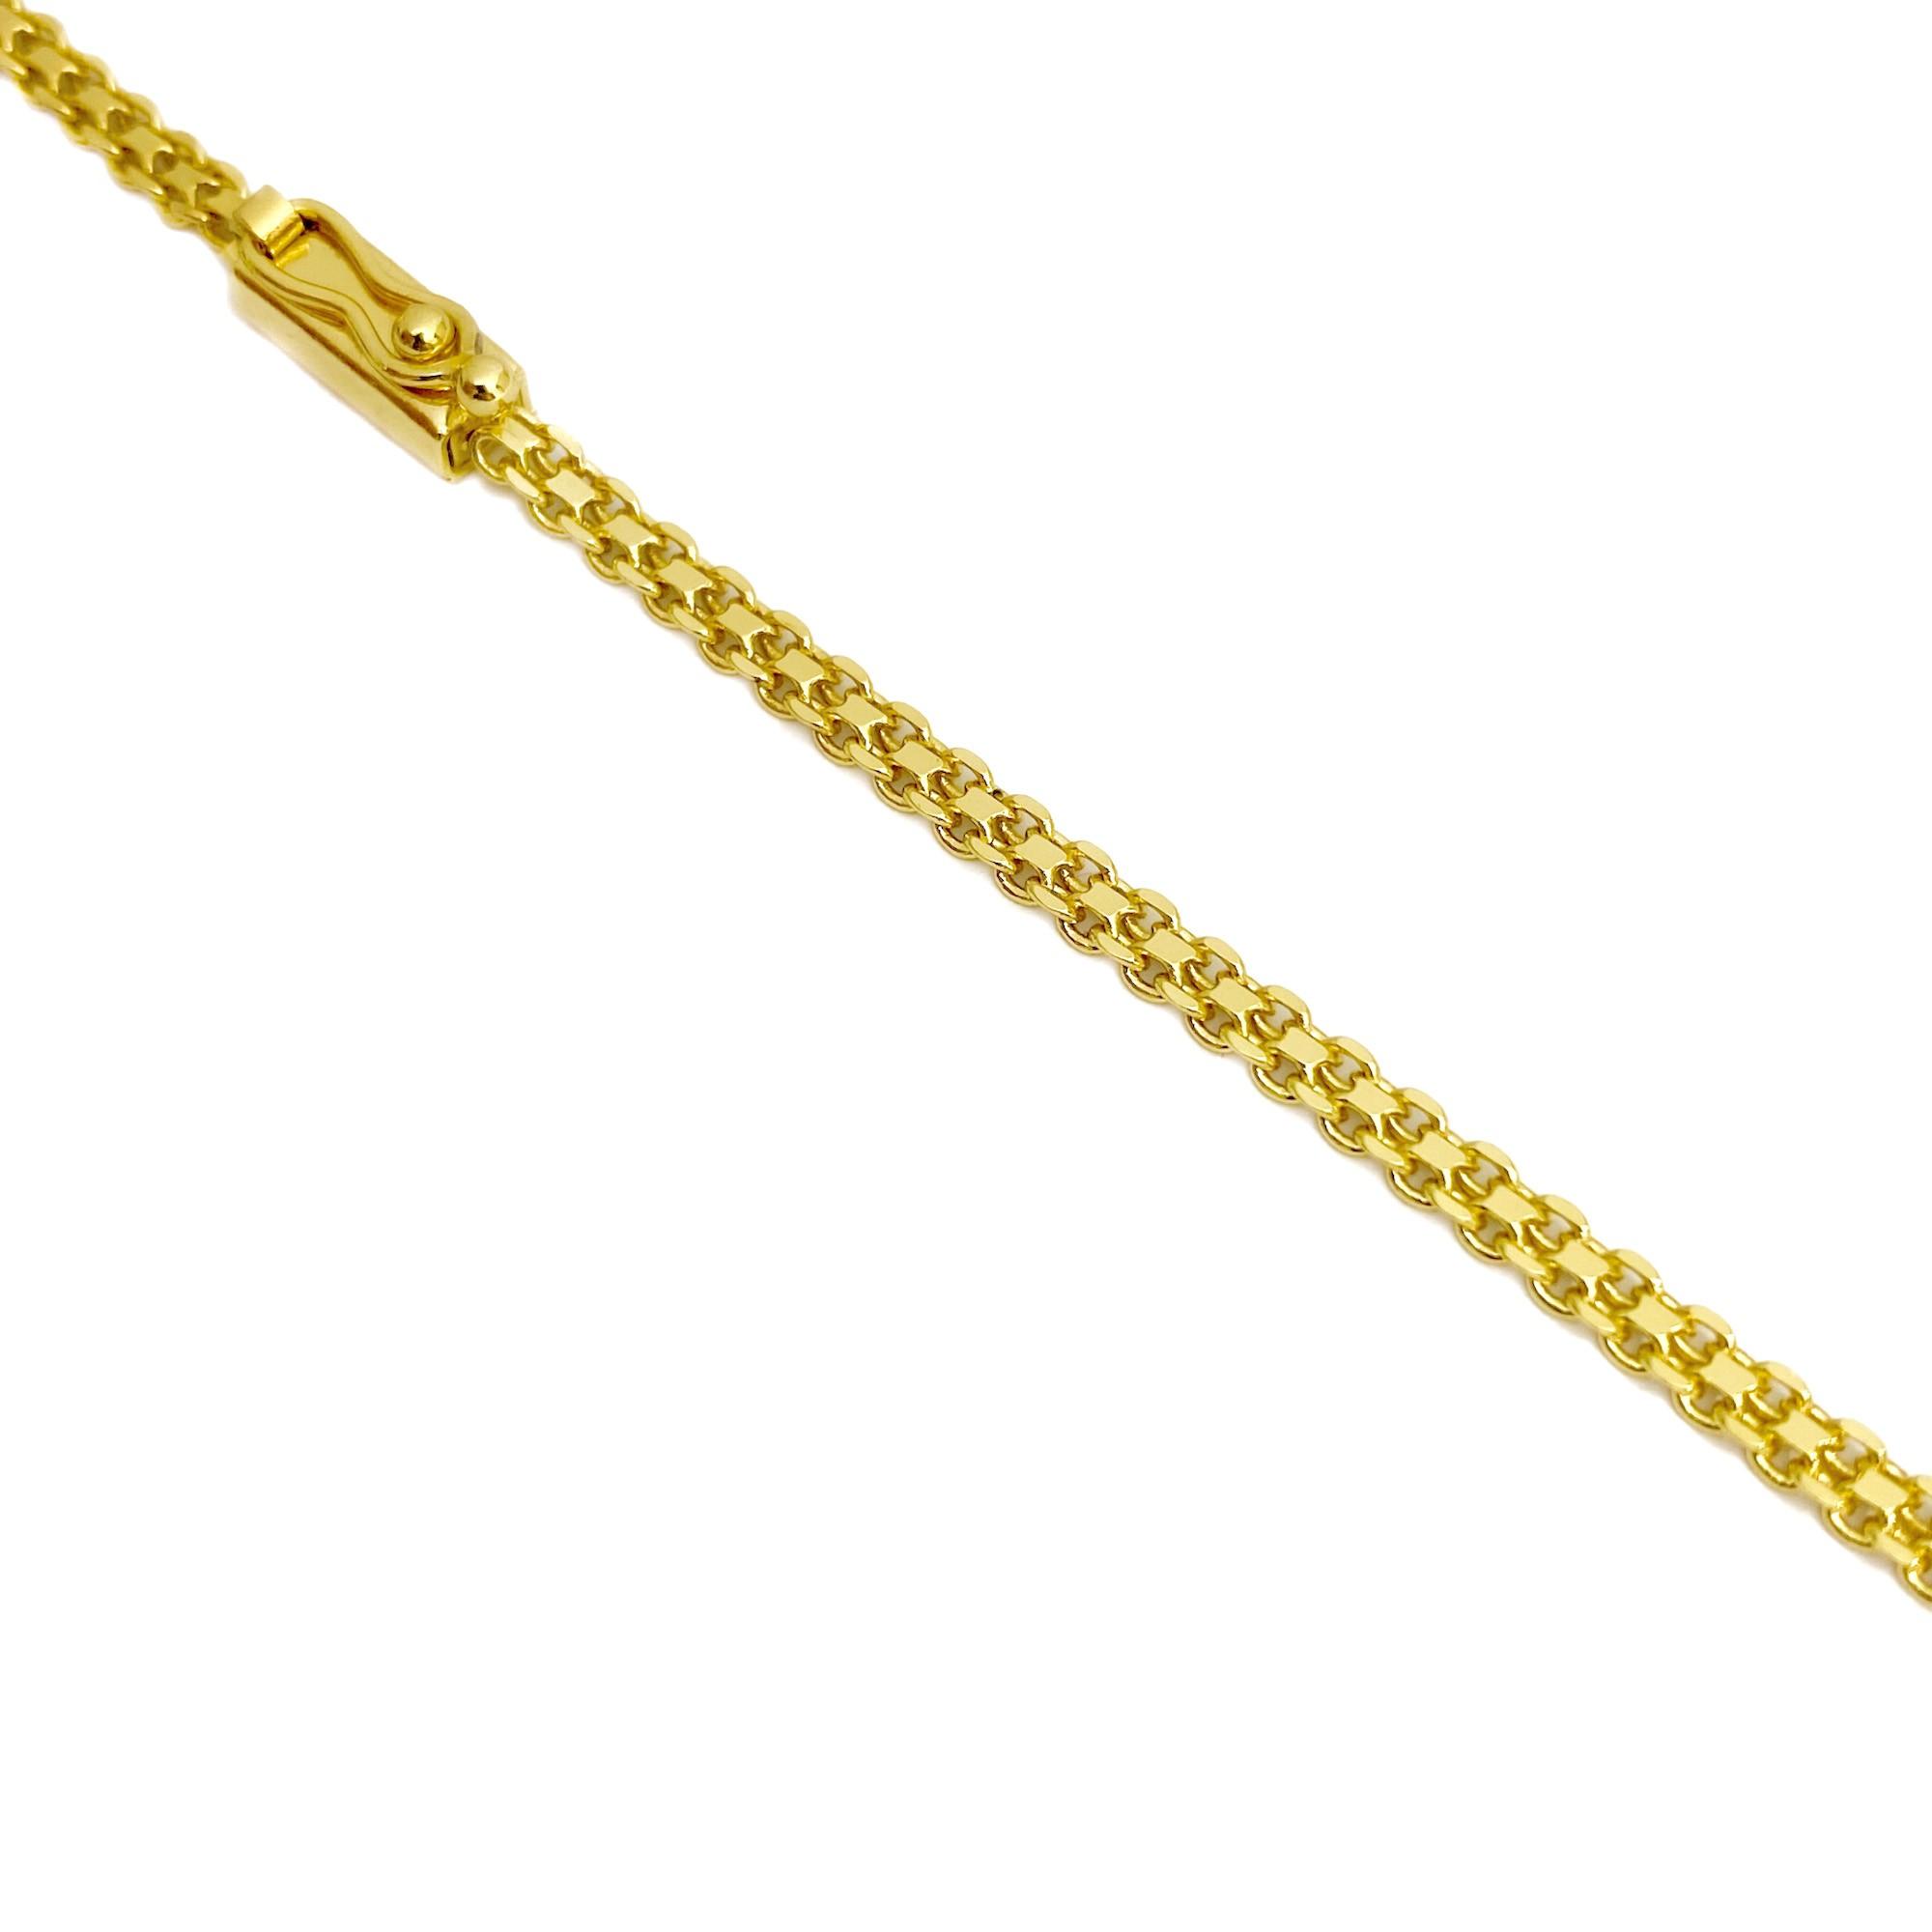 Corrente Cadeado Duplo 2,8mm 60cm 8g (Fecho Gaveta) (Banho Ouro 24k)